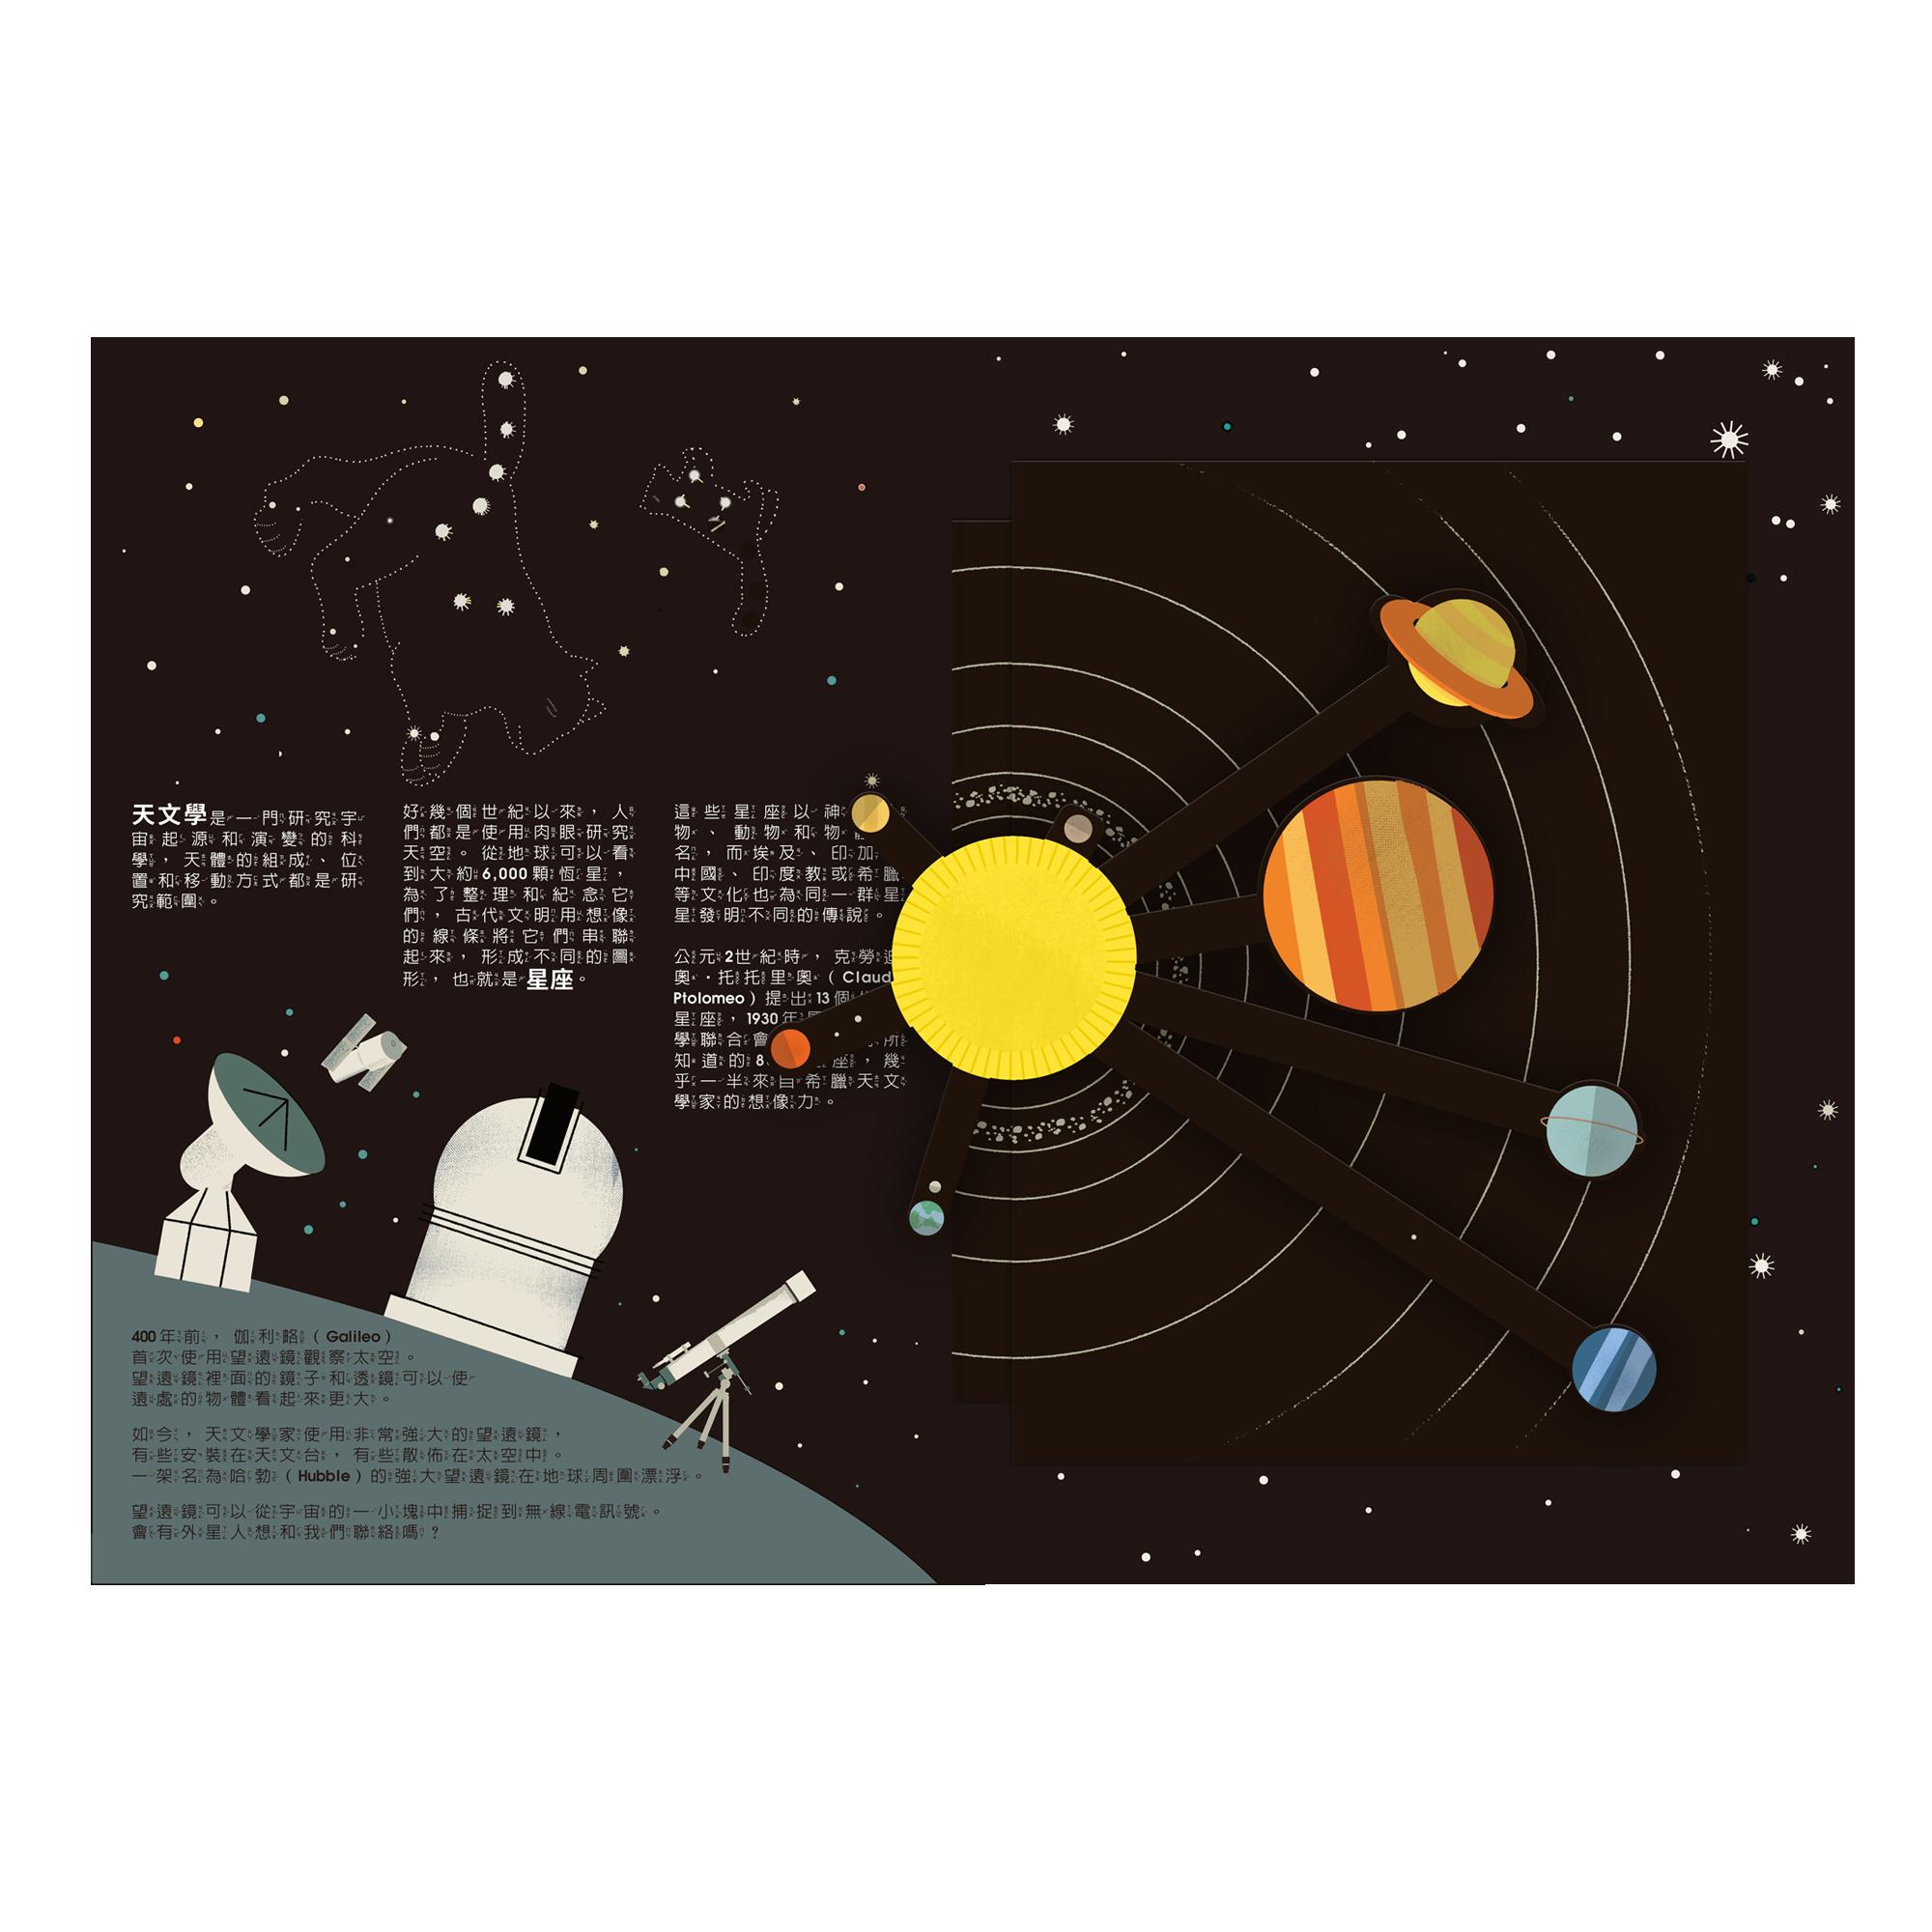 解剖星球密碼